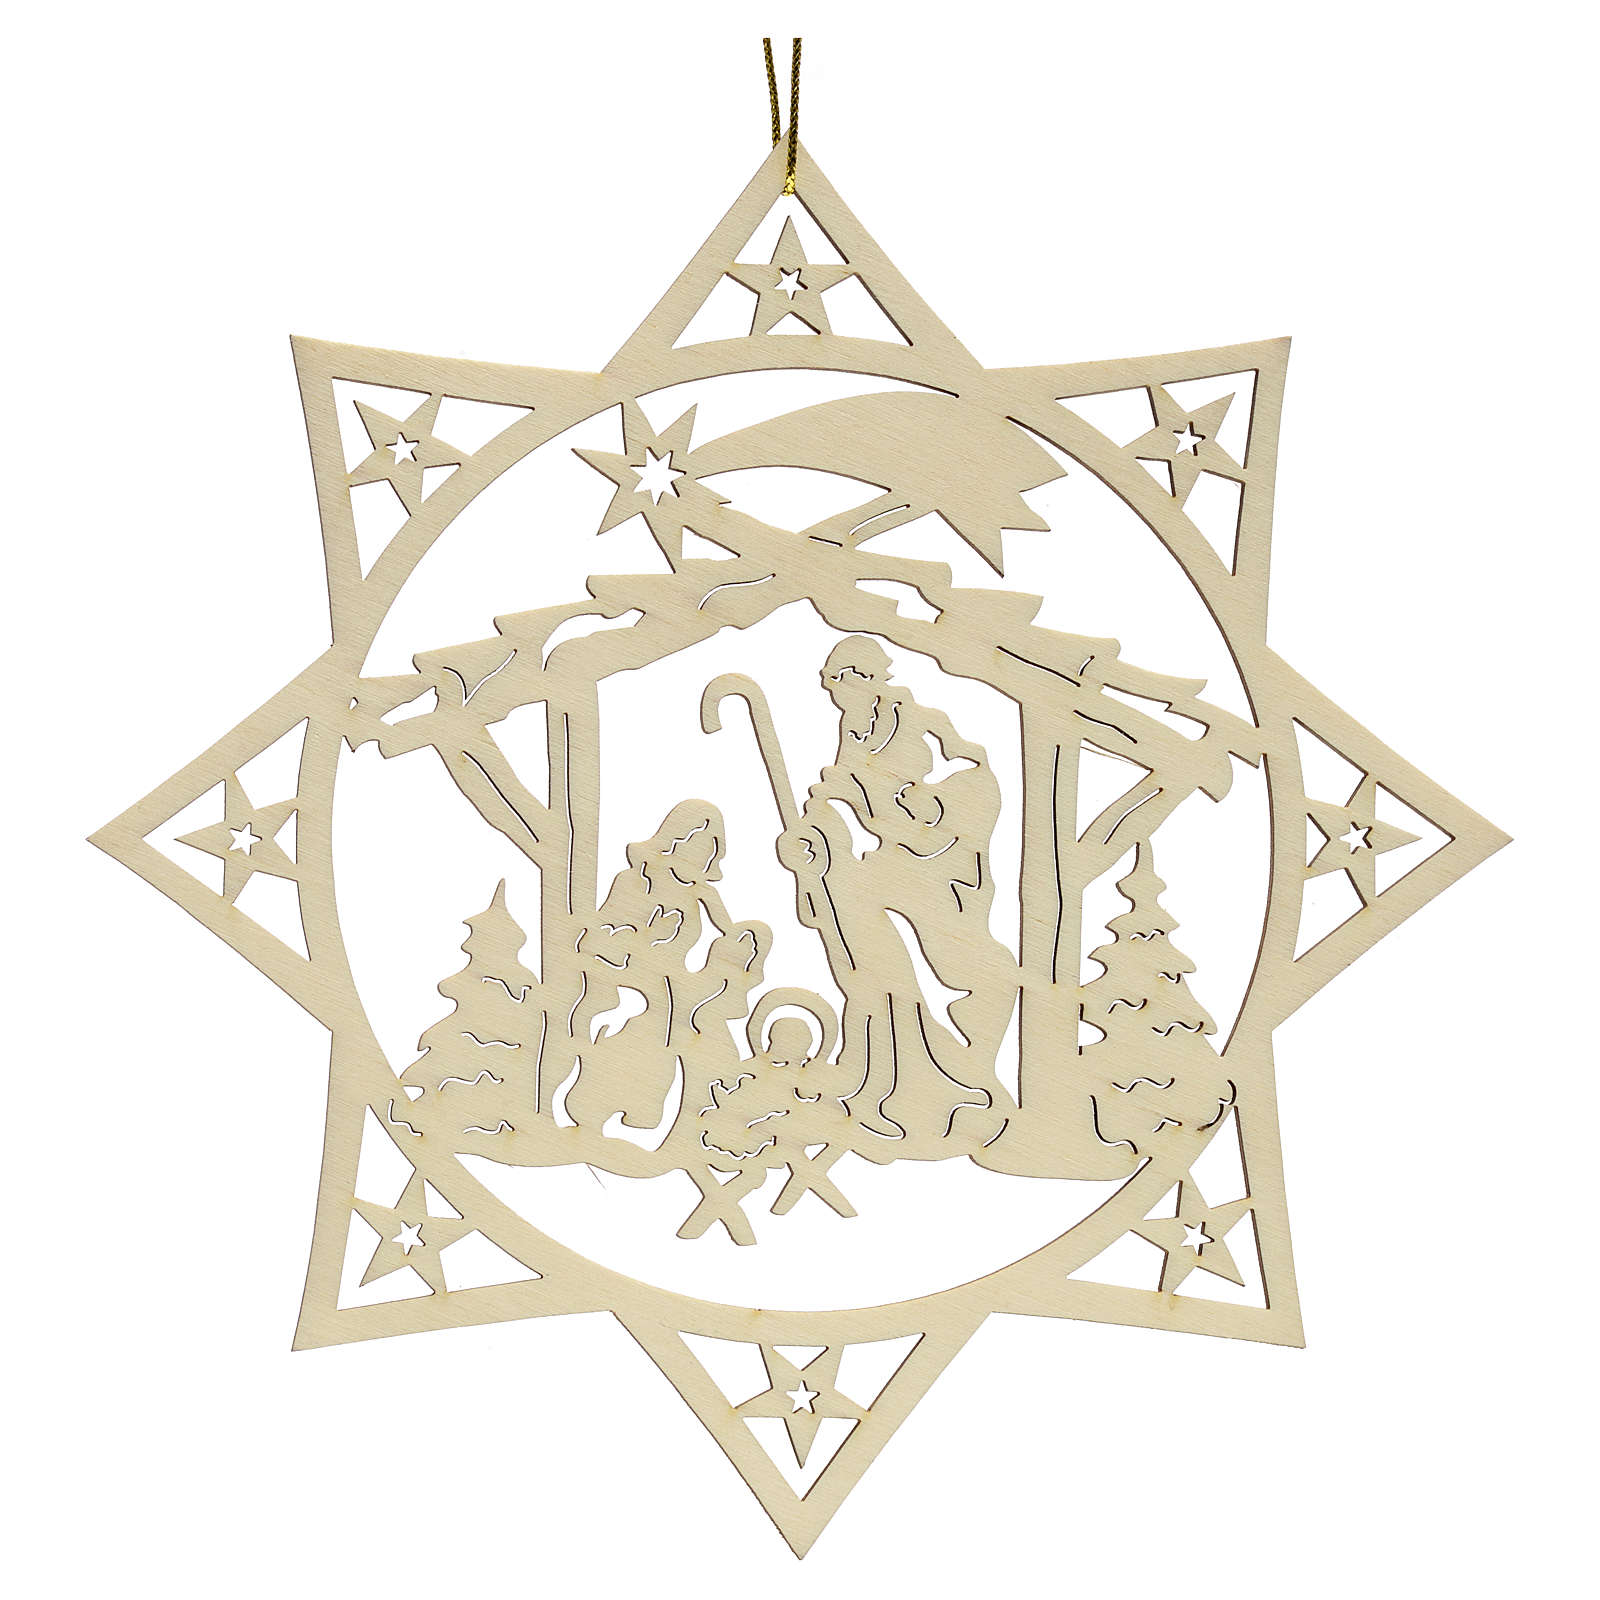 Weihnachtsschmuck Stern mit Krippe aus Holz 4